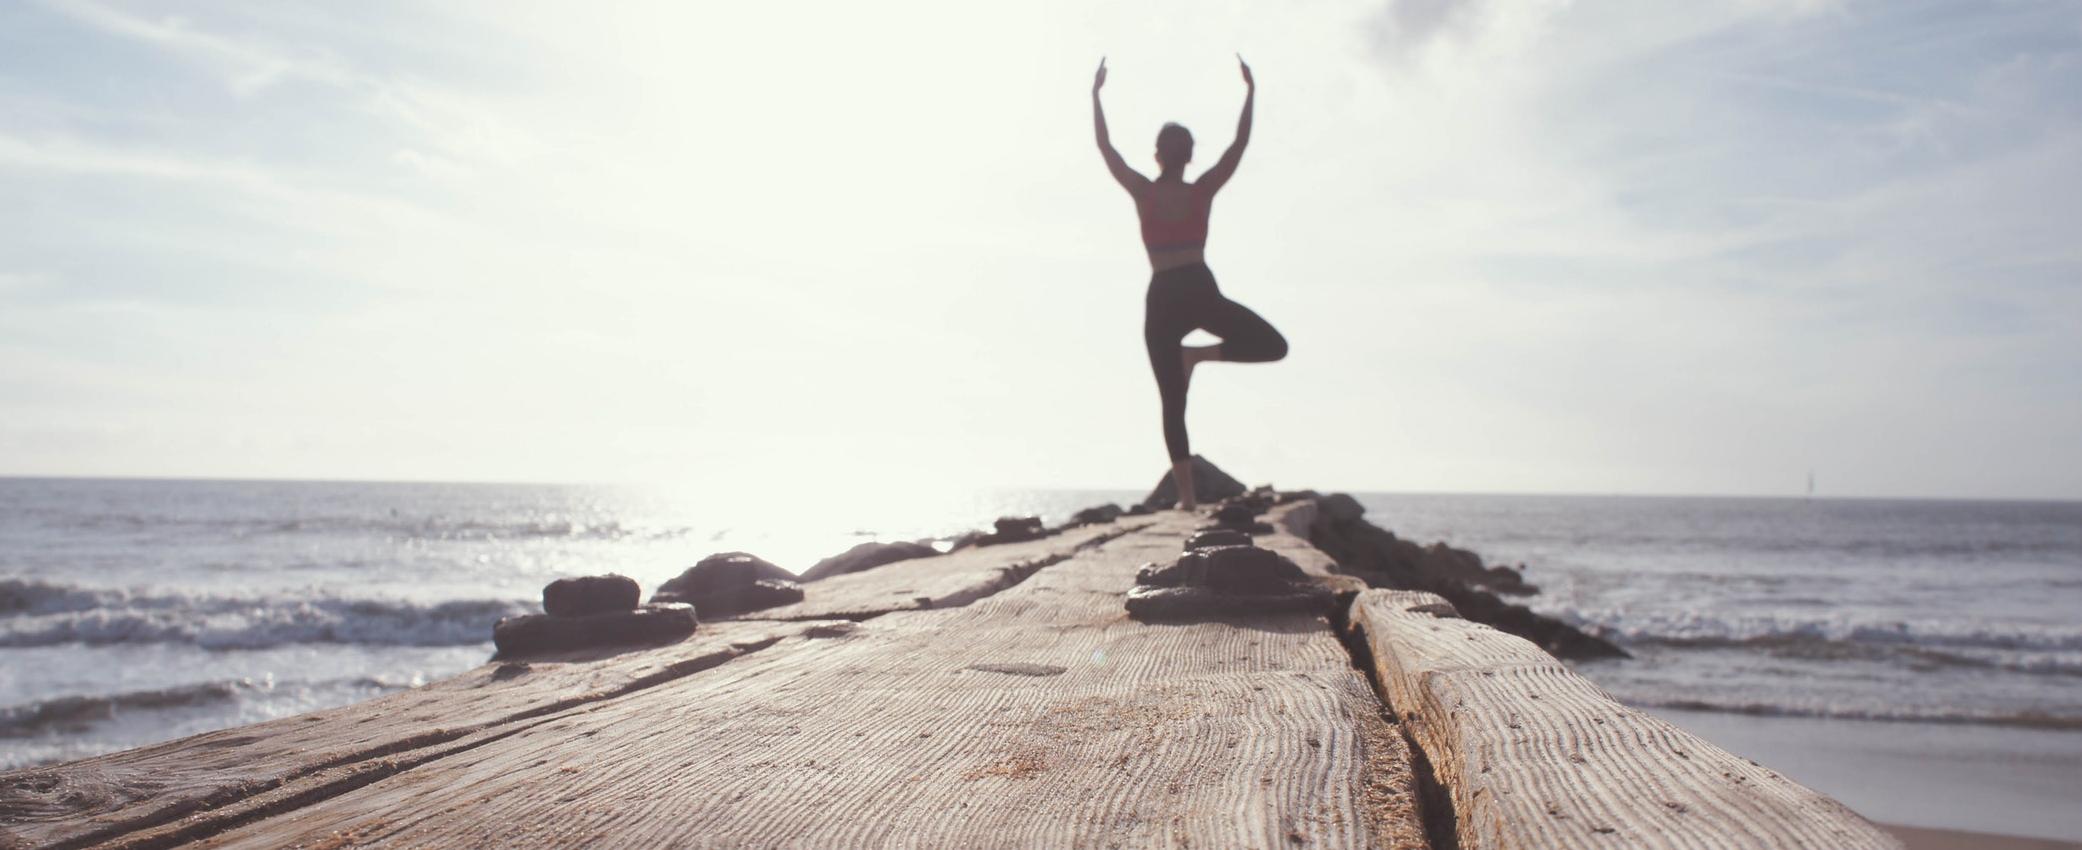 Mejora tu bienestar con consejos sobre alimentación, hábitos saludables, deporte y mucho más.